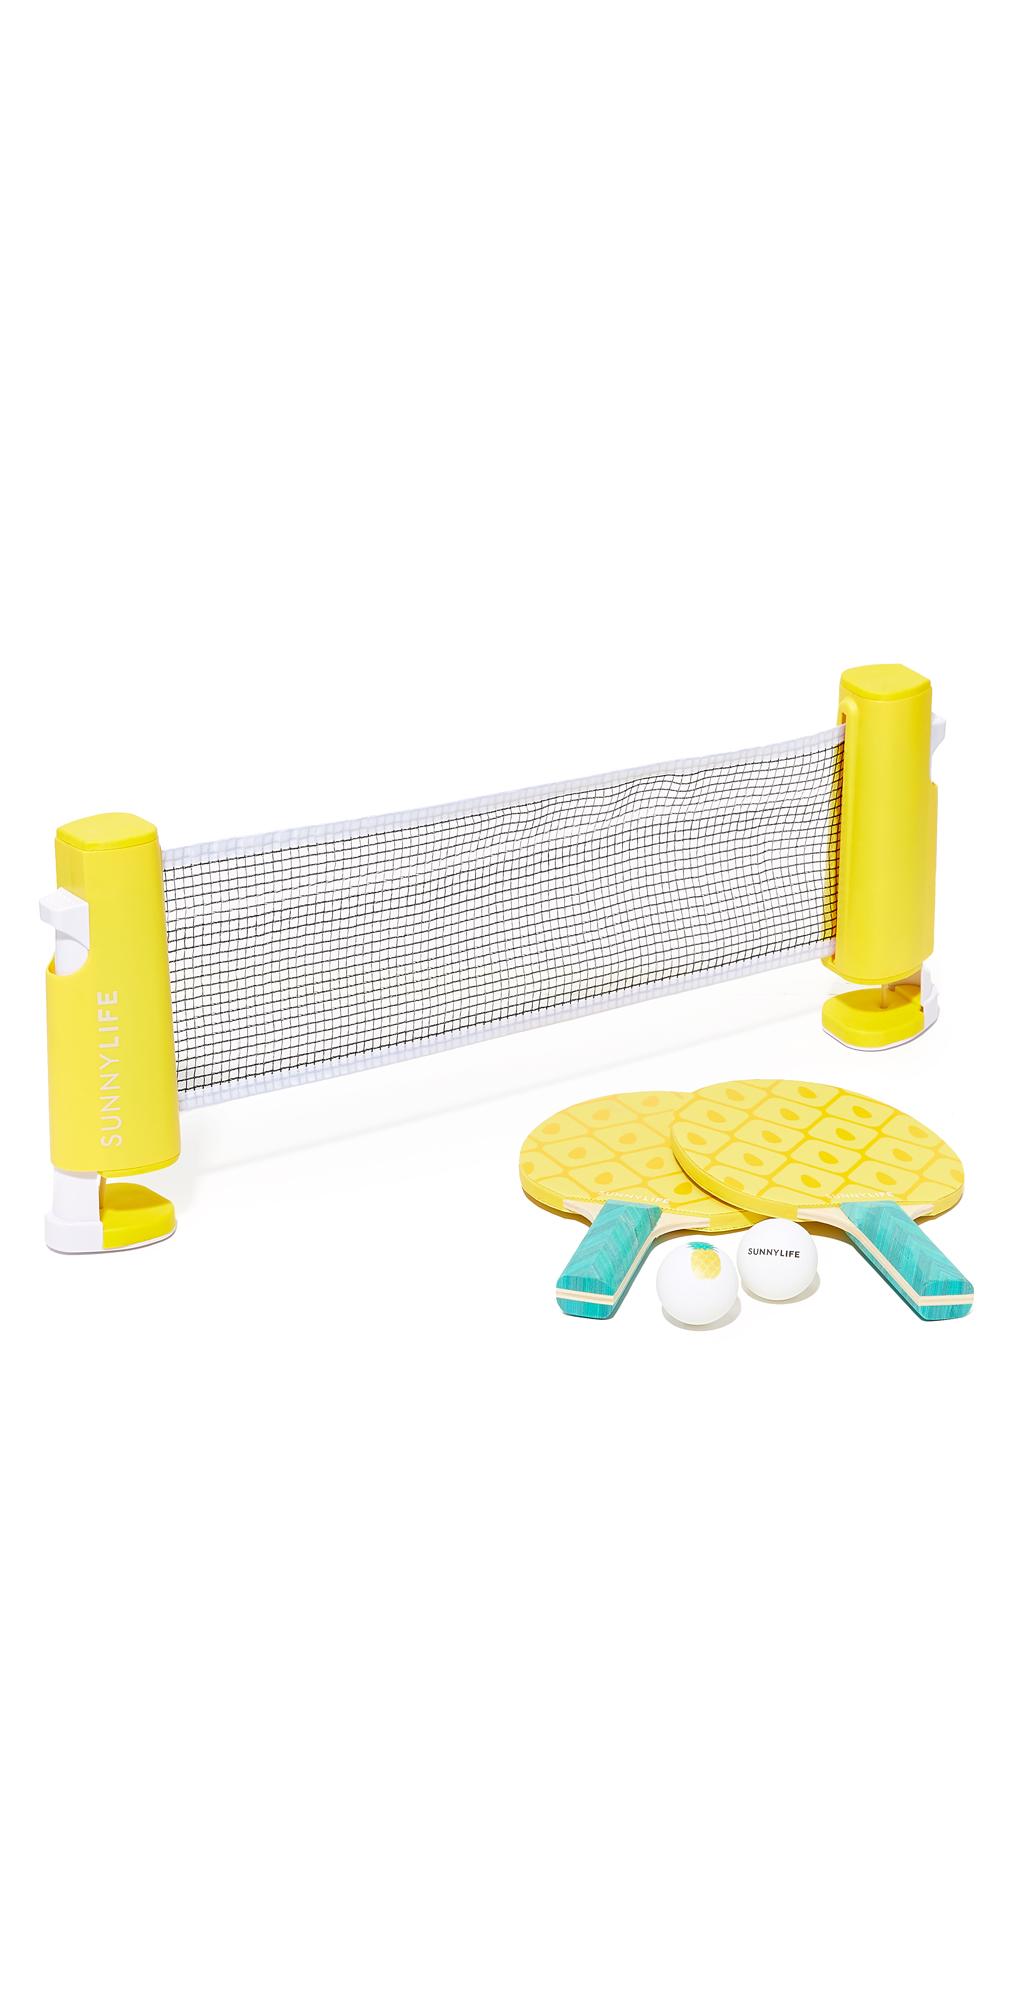 Pineapple Ping Pong Set SunnyLife